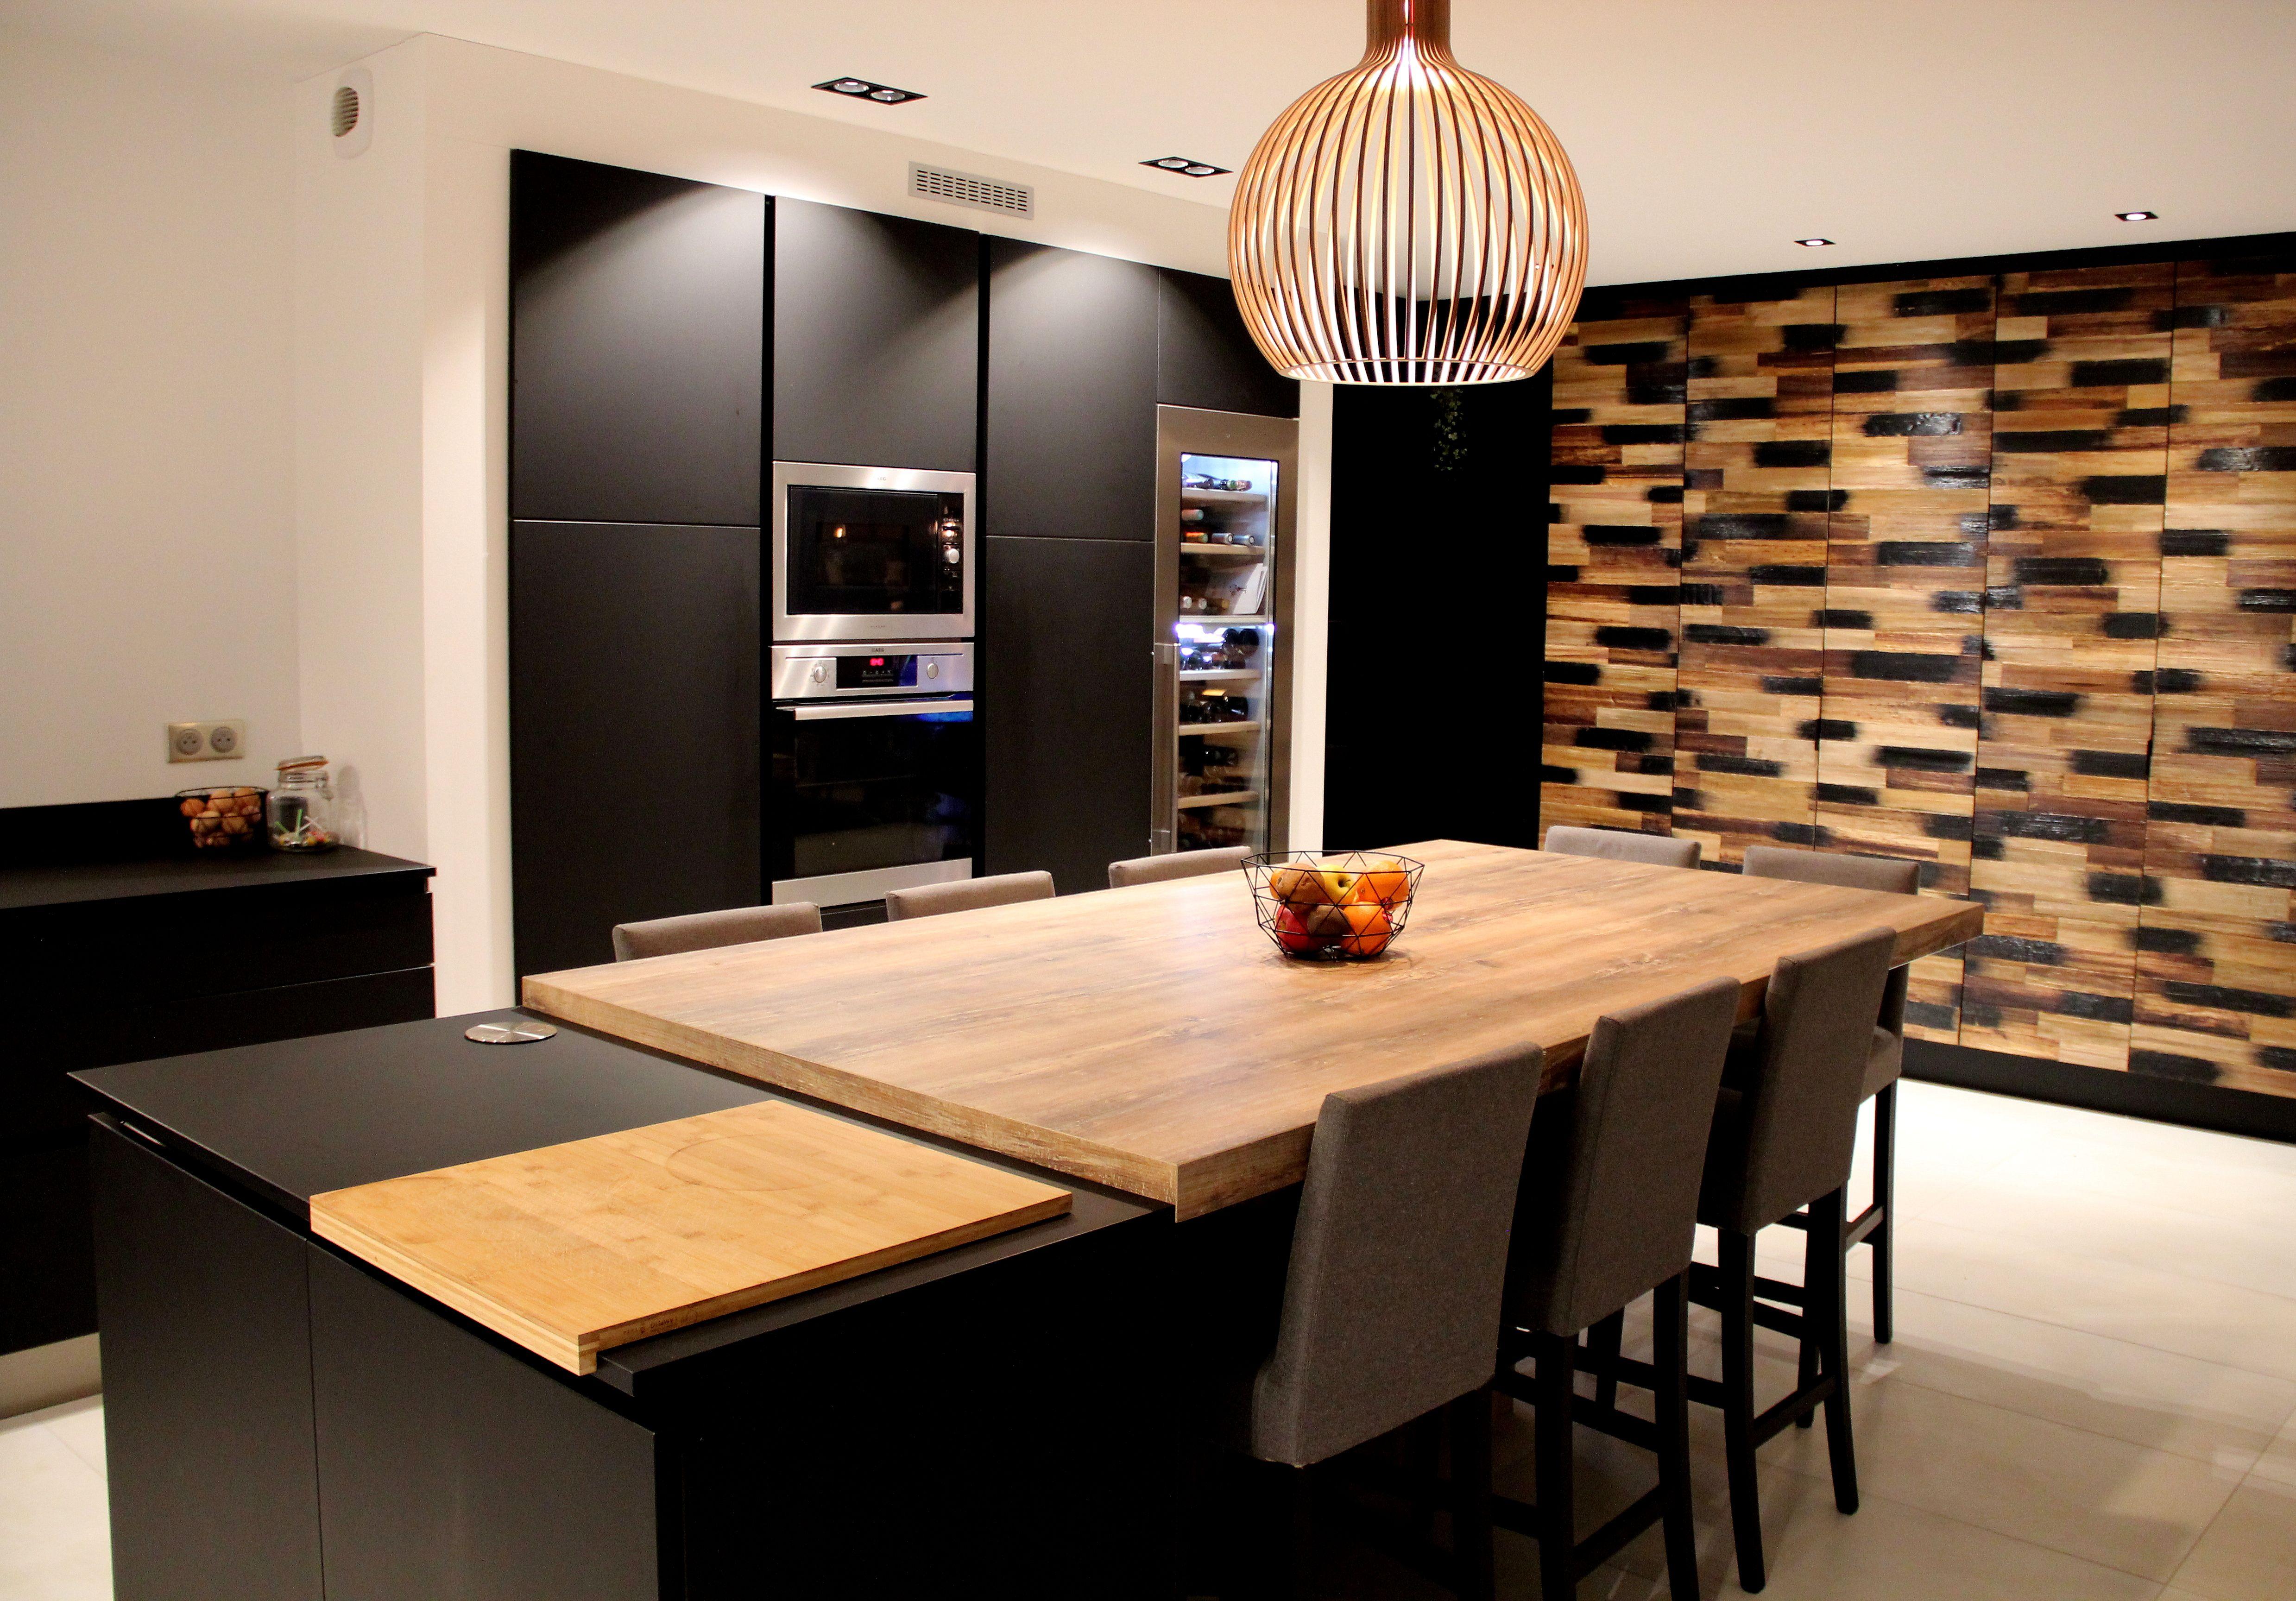 Rennes Melesse Arthur Bonnet Magasin De Cuisines Cuisines Equipees Interieur De Cuisine Cuisine Mobilier De Salon